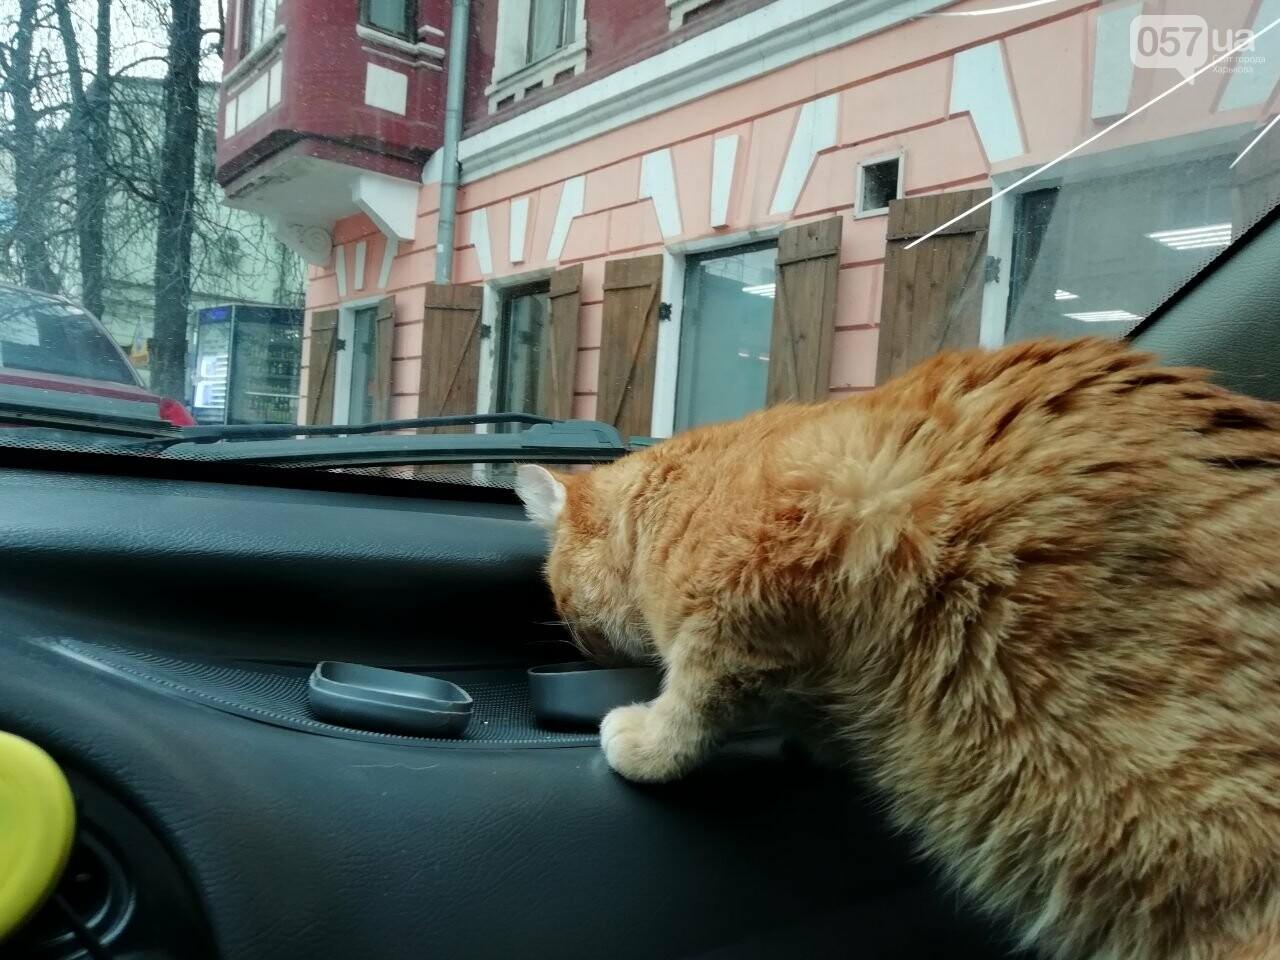 Поездка с котом и большие чаевые. Как харьковский таксист с питомцем возит пассажиров, - ФОТО, фото-22